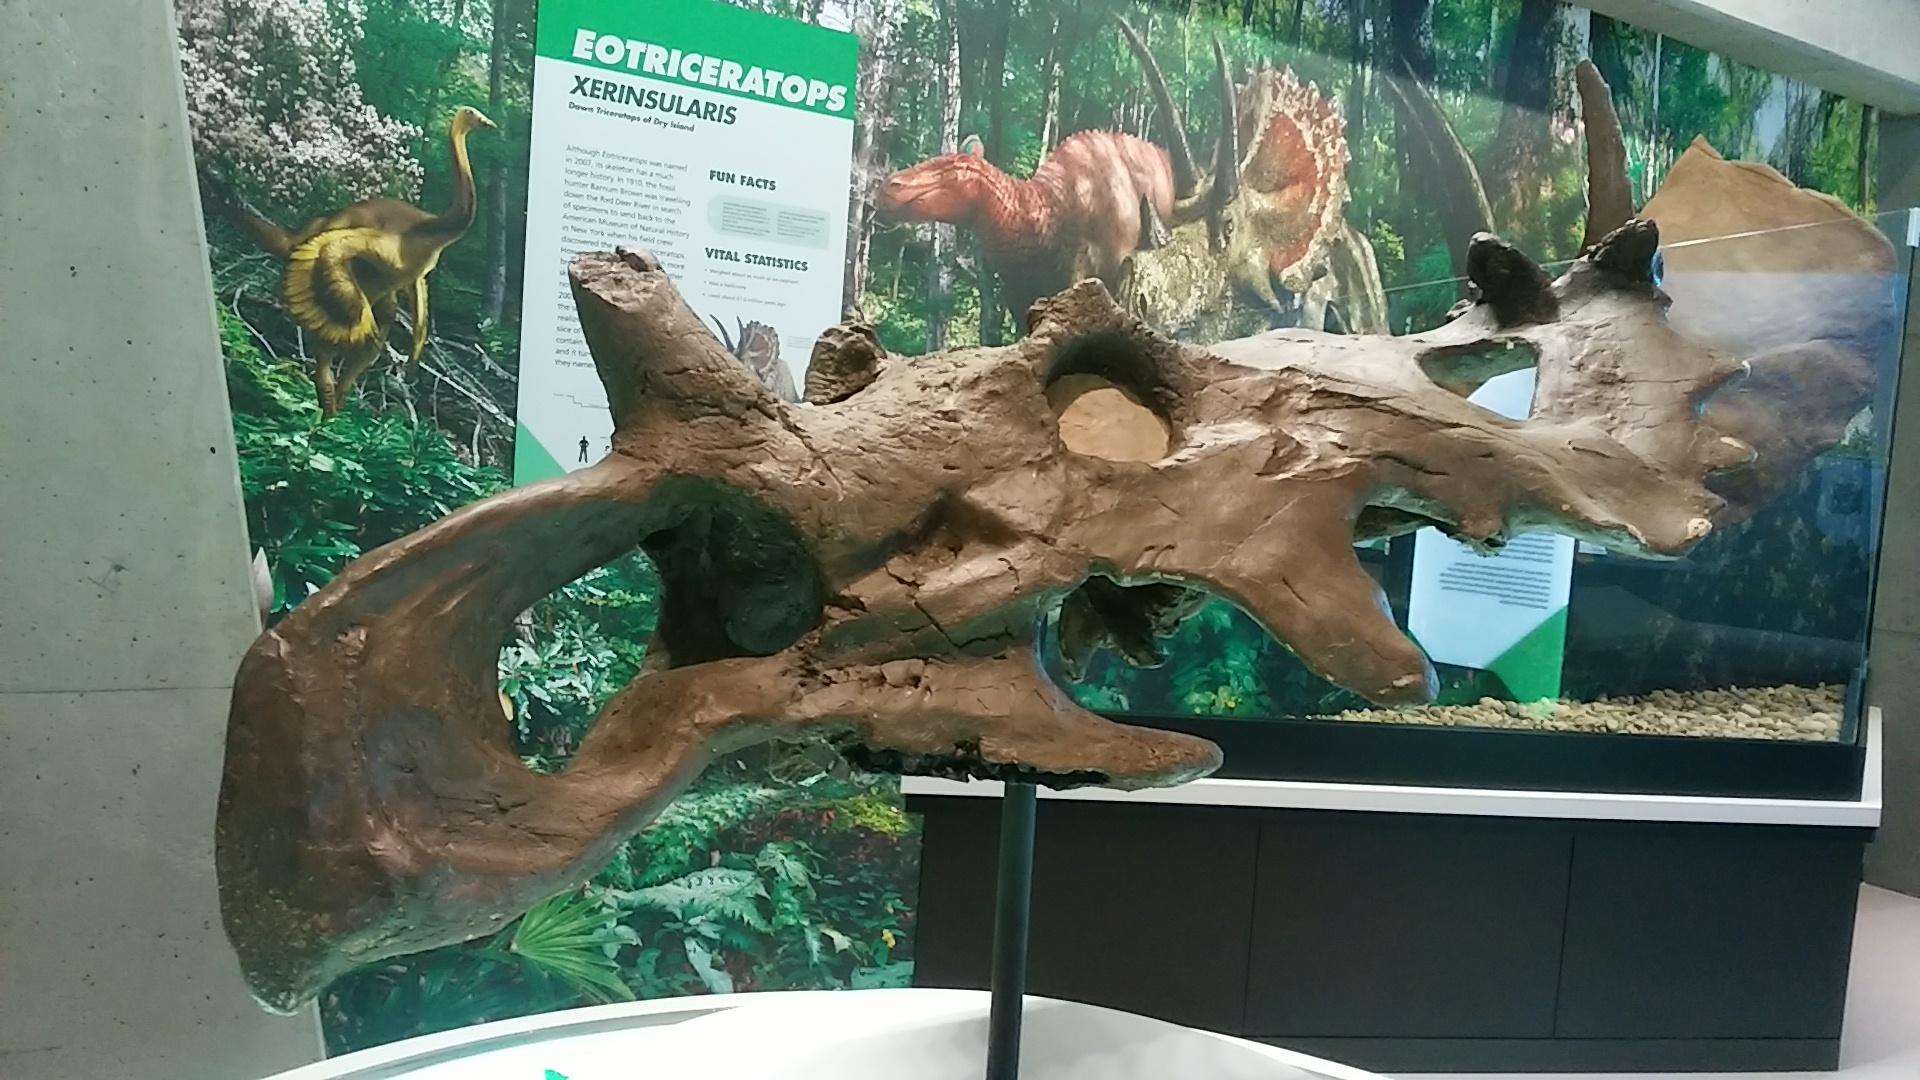 Odlitek dochované části lebky ceratopsida druhu Coronosaurus brinkmani. Tento rohatý dinosaurus obýval oblasti dnešní kanadské Alberty v období pozdní křídy, asi před 77 miliony let. Při délce do 6 metrů a hmotnosti kolem 2 tun představoval středně v